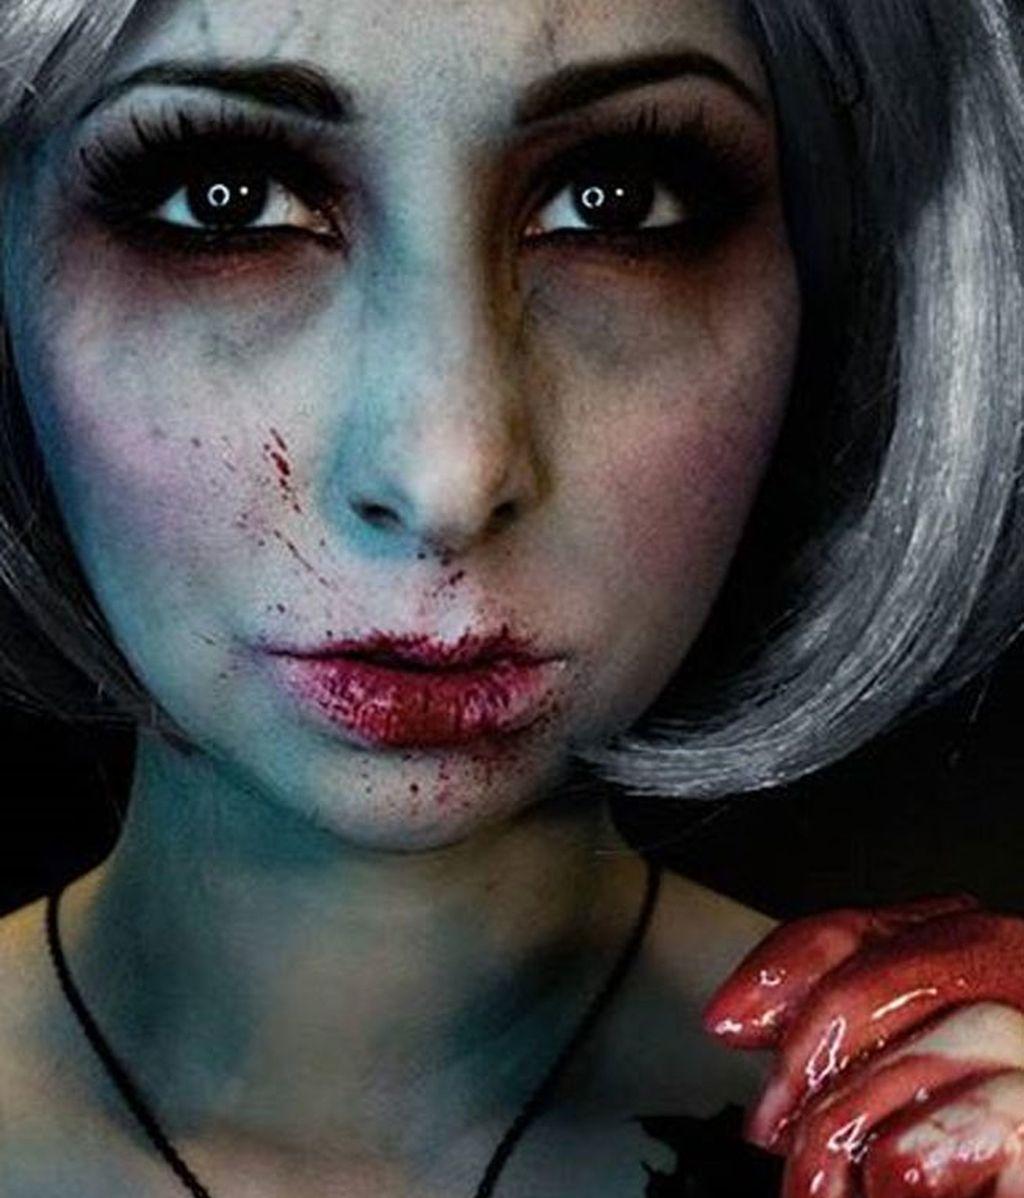 Andrea de la Ossa se convierte en los monstruos con los que nunca querrías soñar